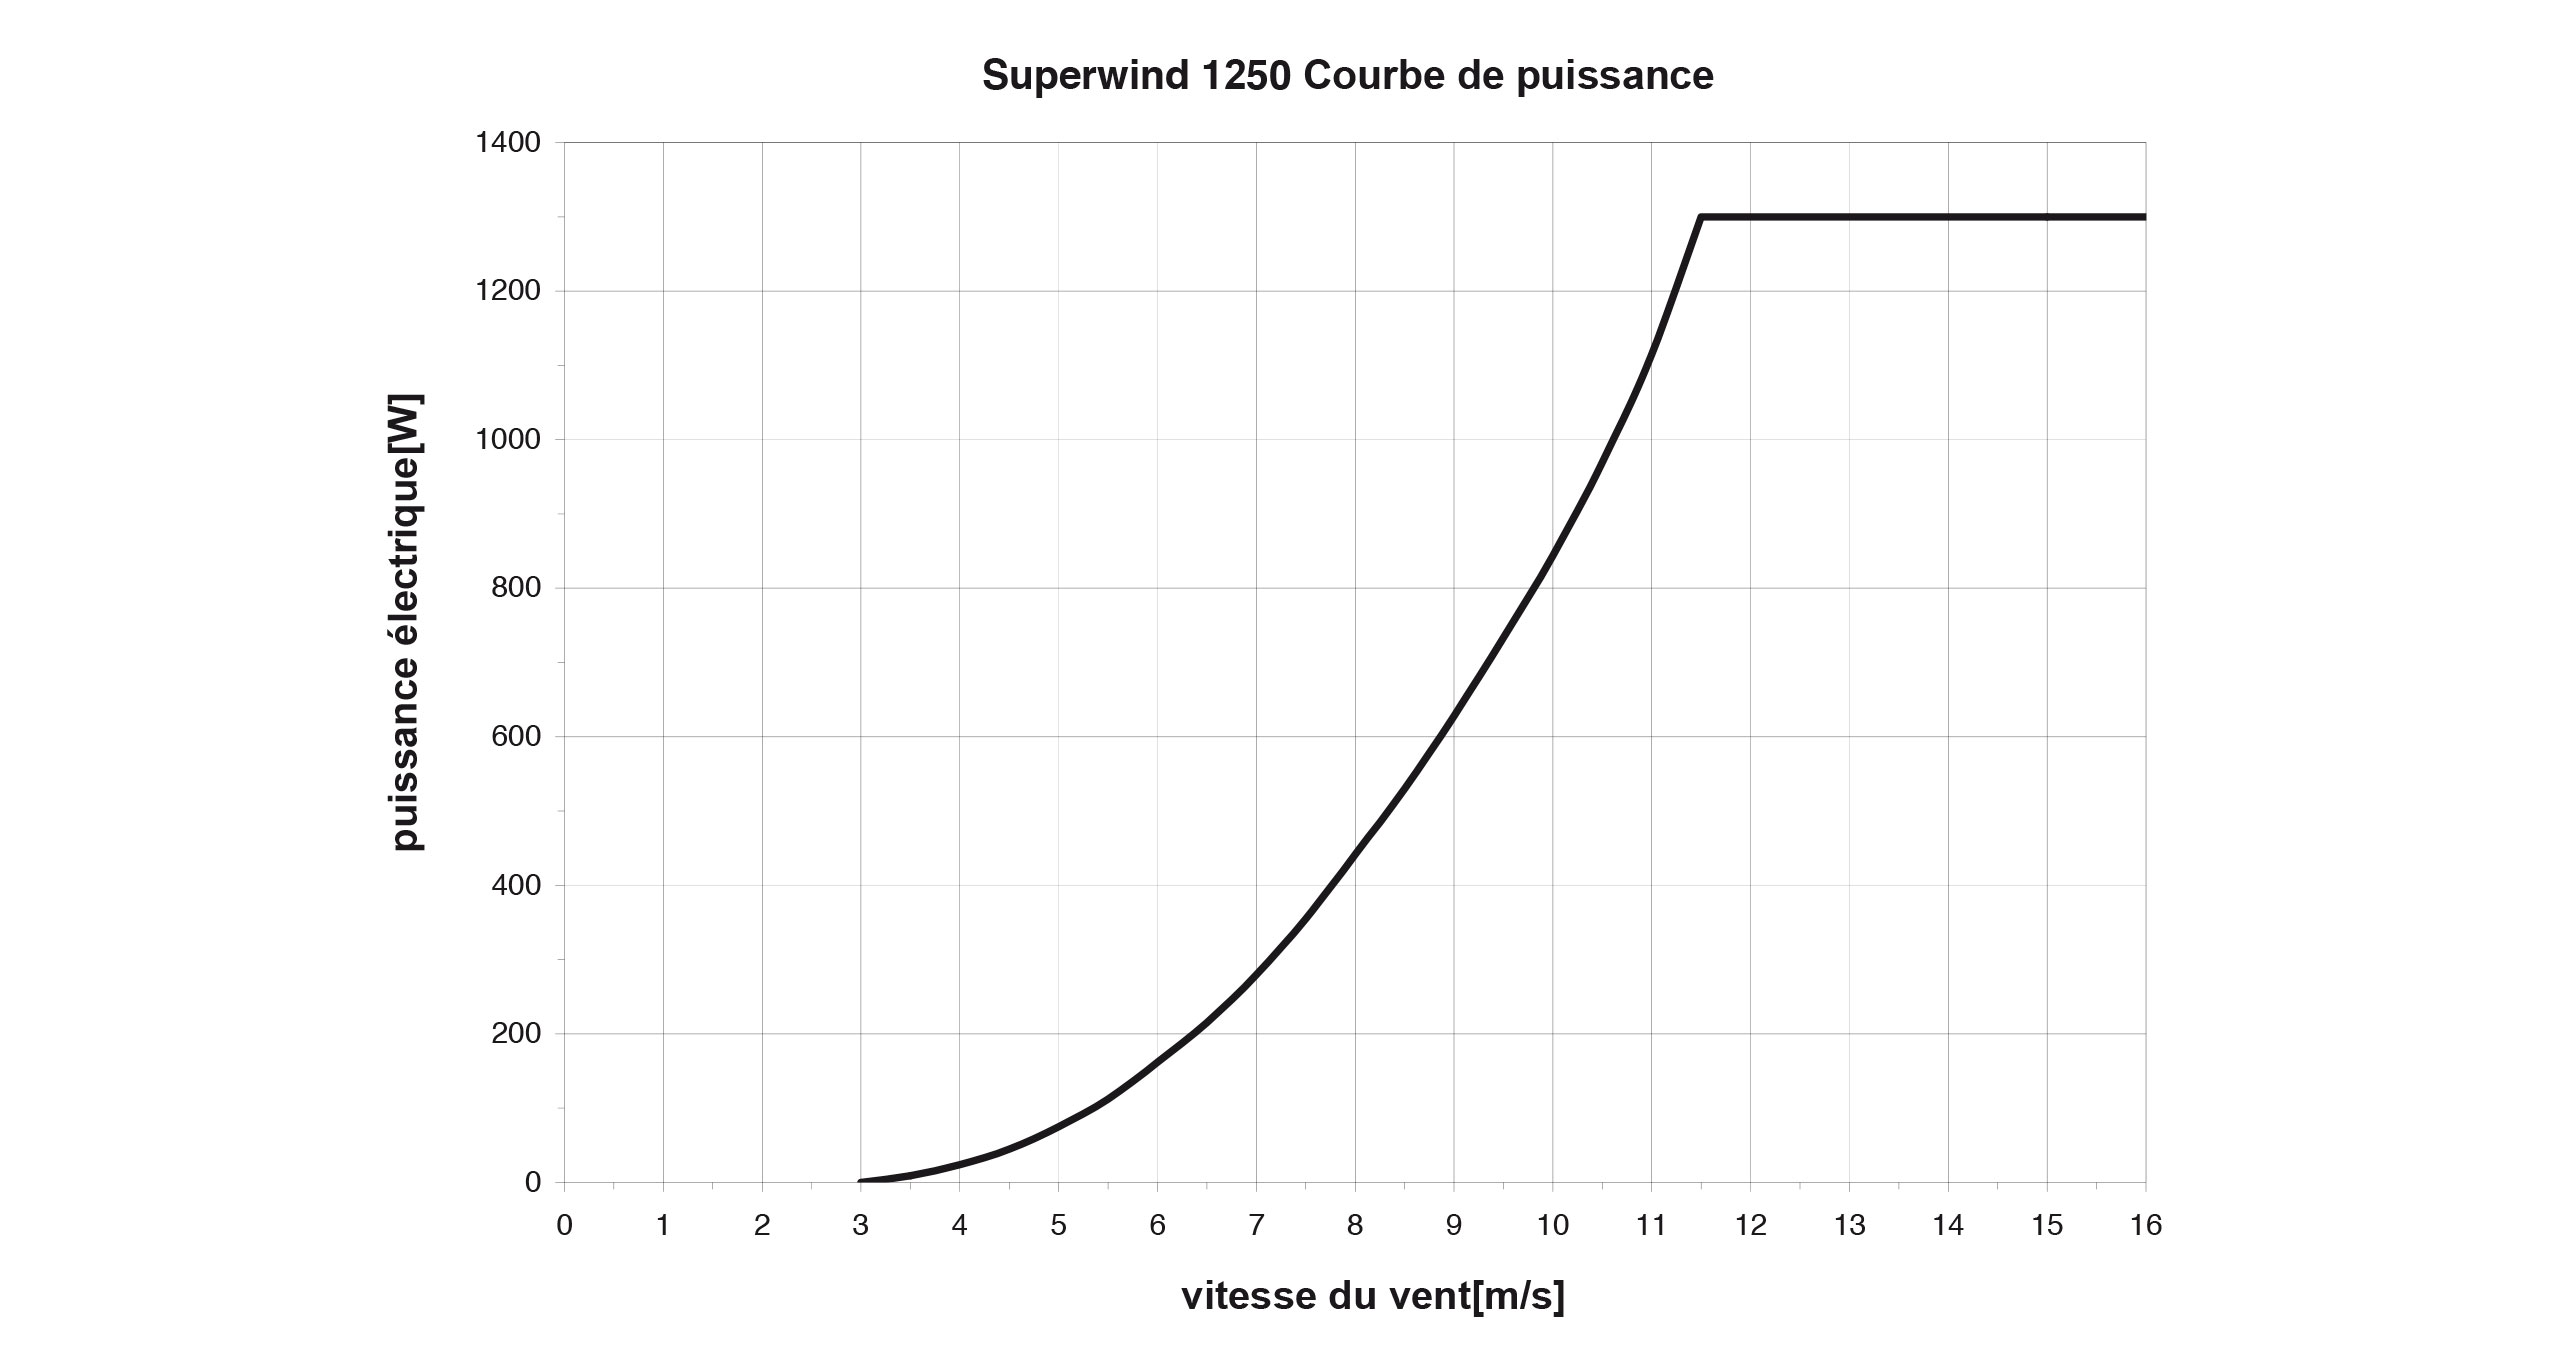 Superwind 1250: Courbe de puissance